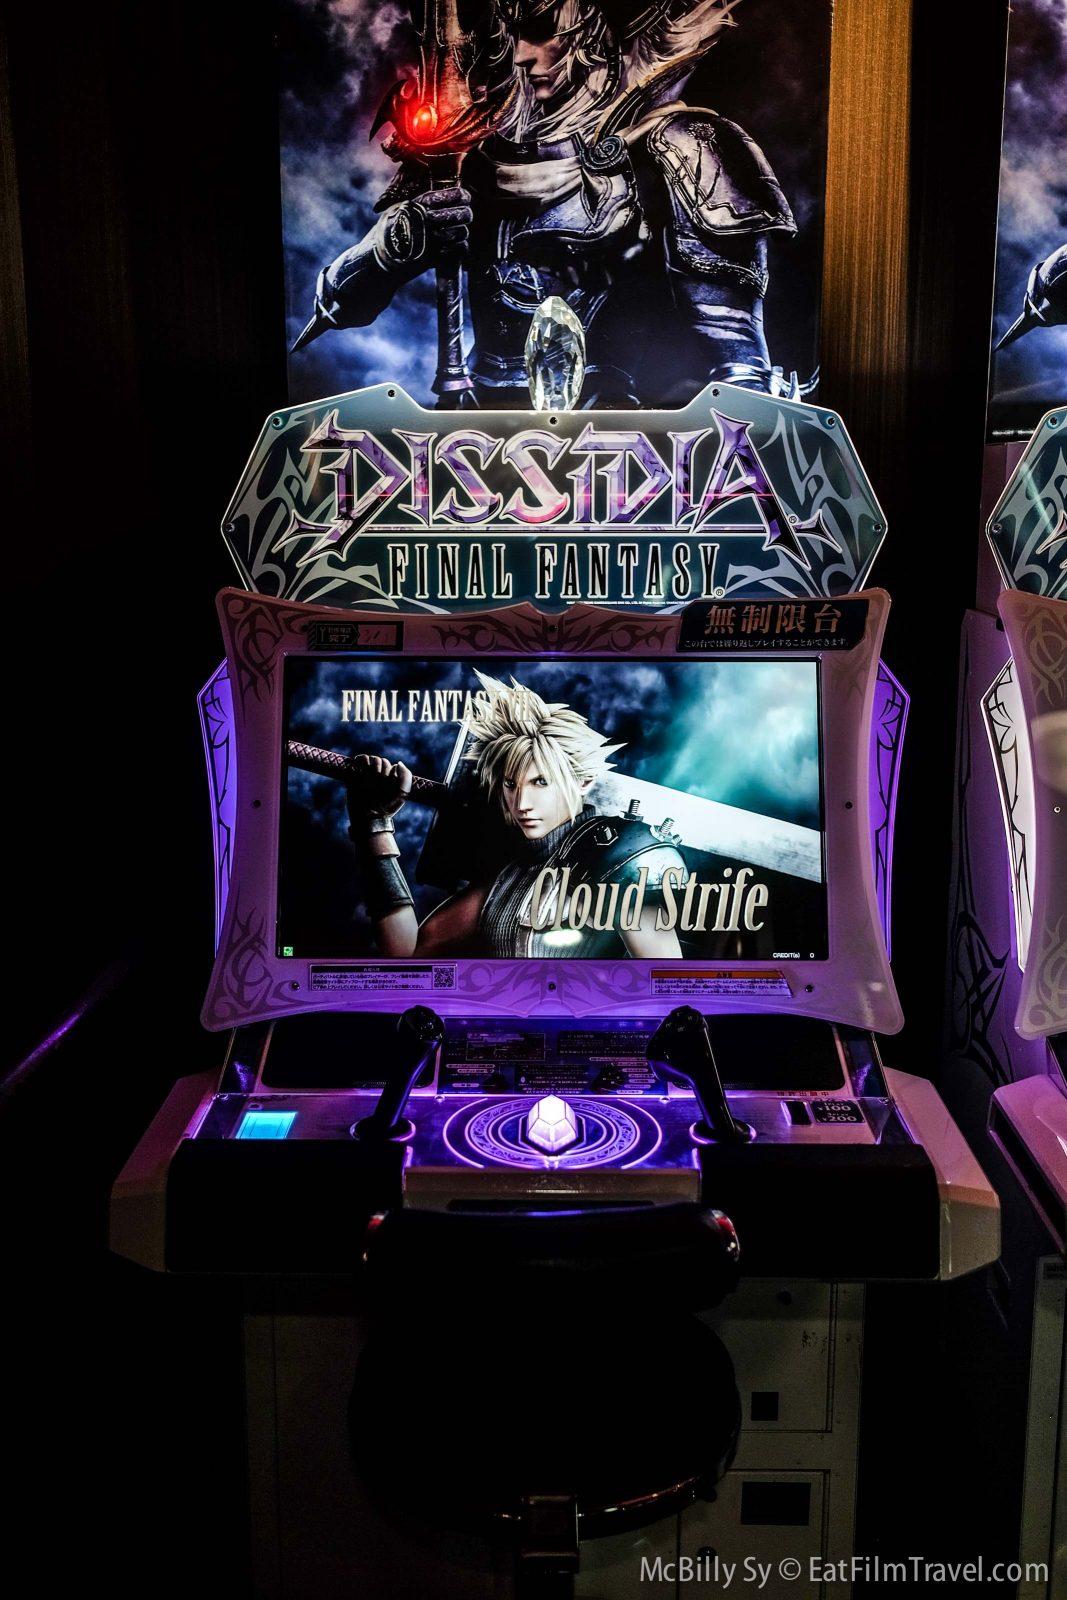 Final Fantasy arcade games